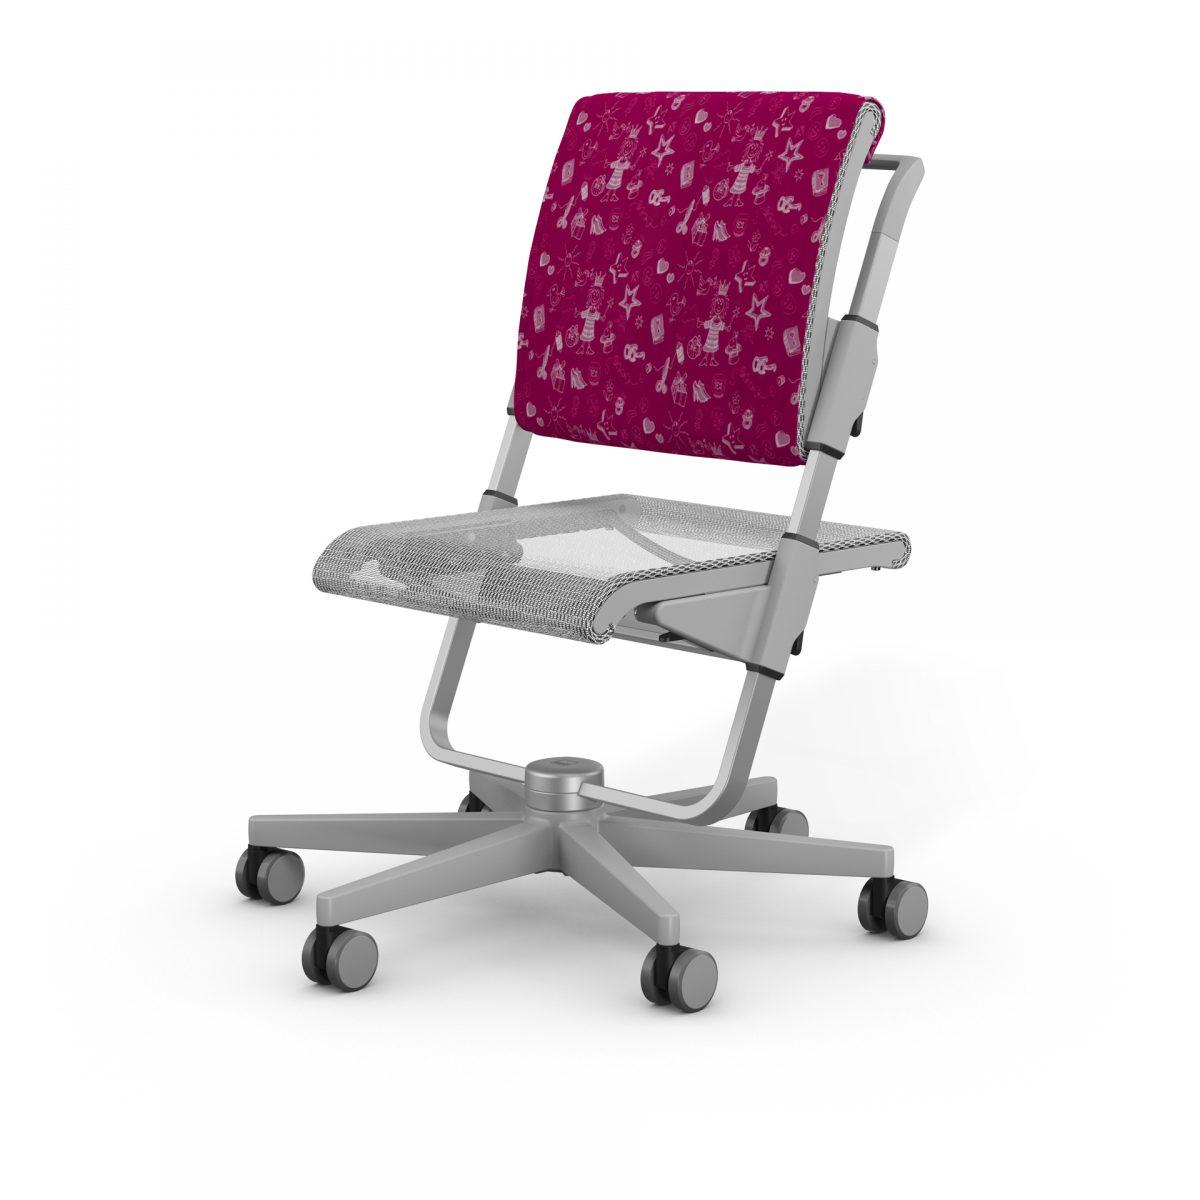 mollFunktion2020Fprimescootergrauclassicweb0010 - Delso - dětský, kancelářský a bytový nábytek